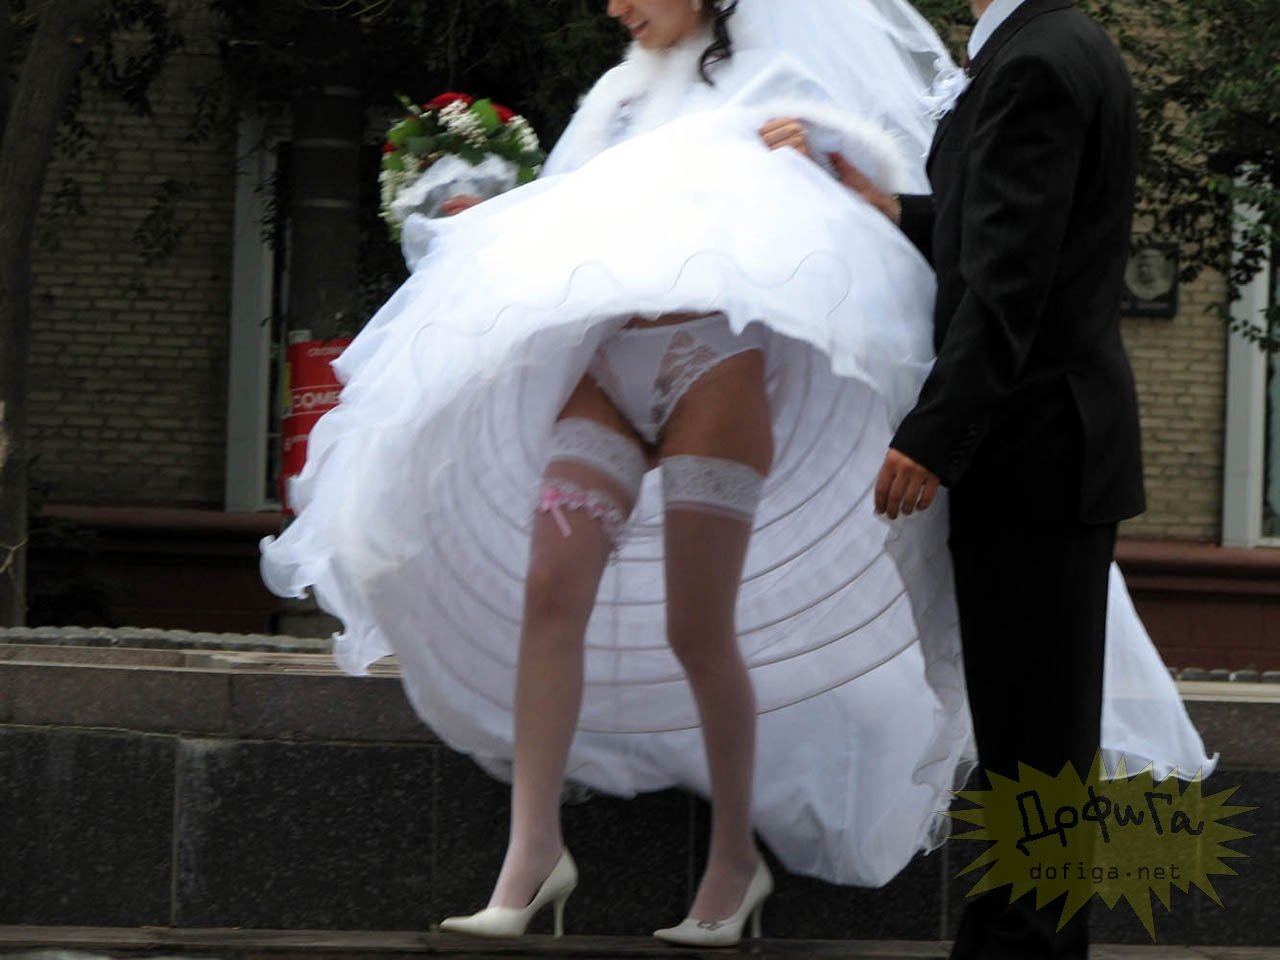 Смотреть фото у невест под юбками 22 фотография